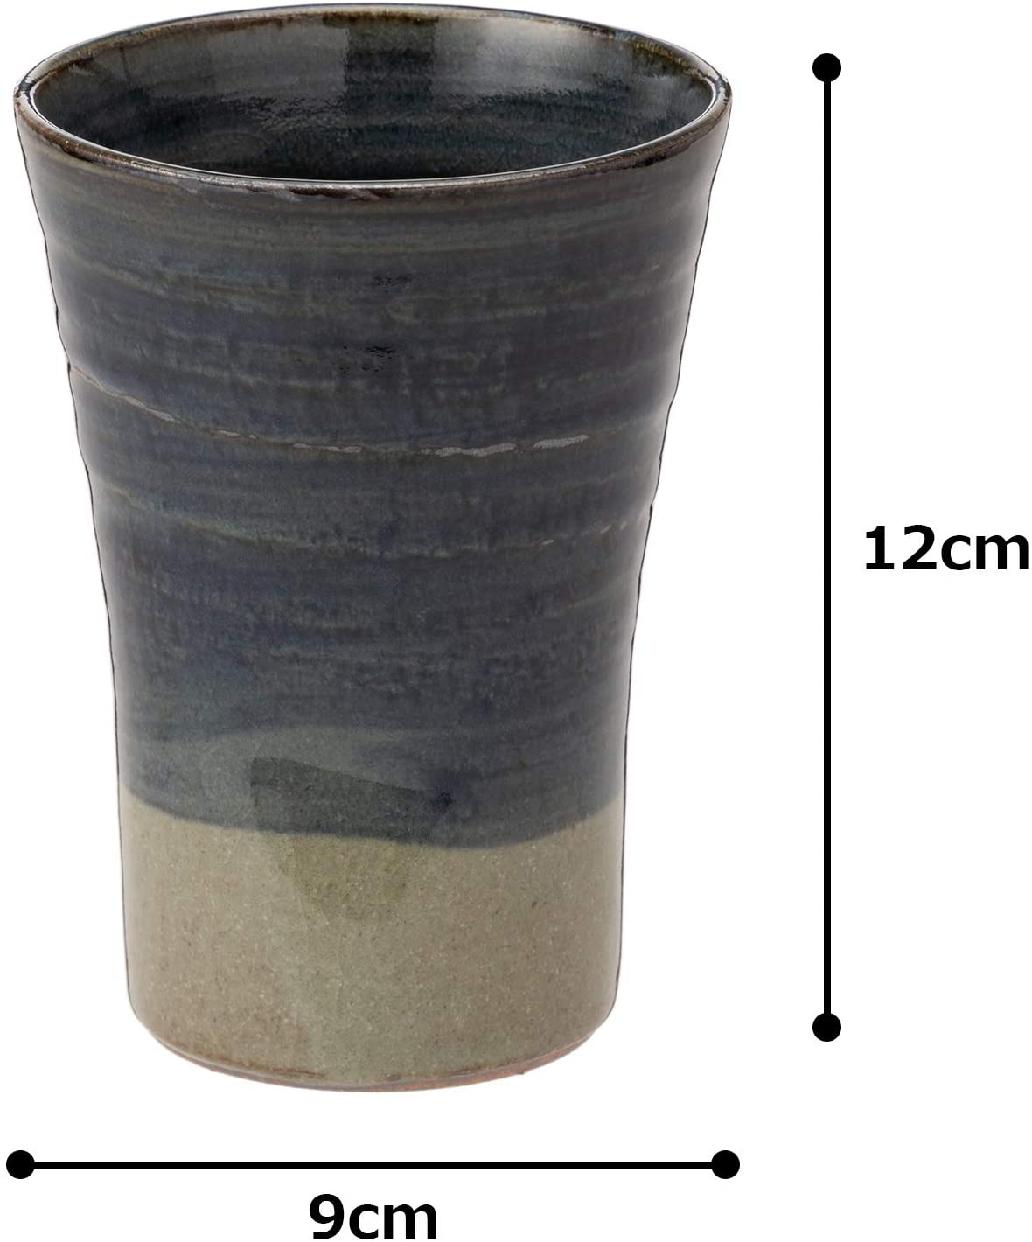 MINO CRAFT.(みのうくらふと)焼酎カップ K60325 OFUKEの商品画像7